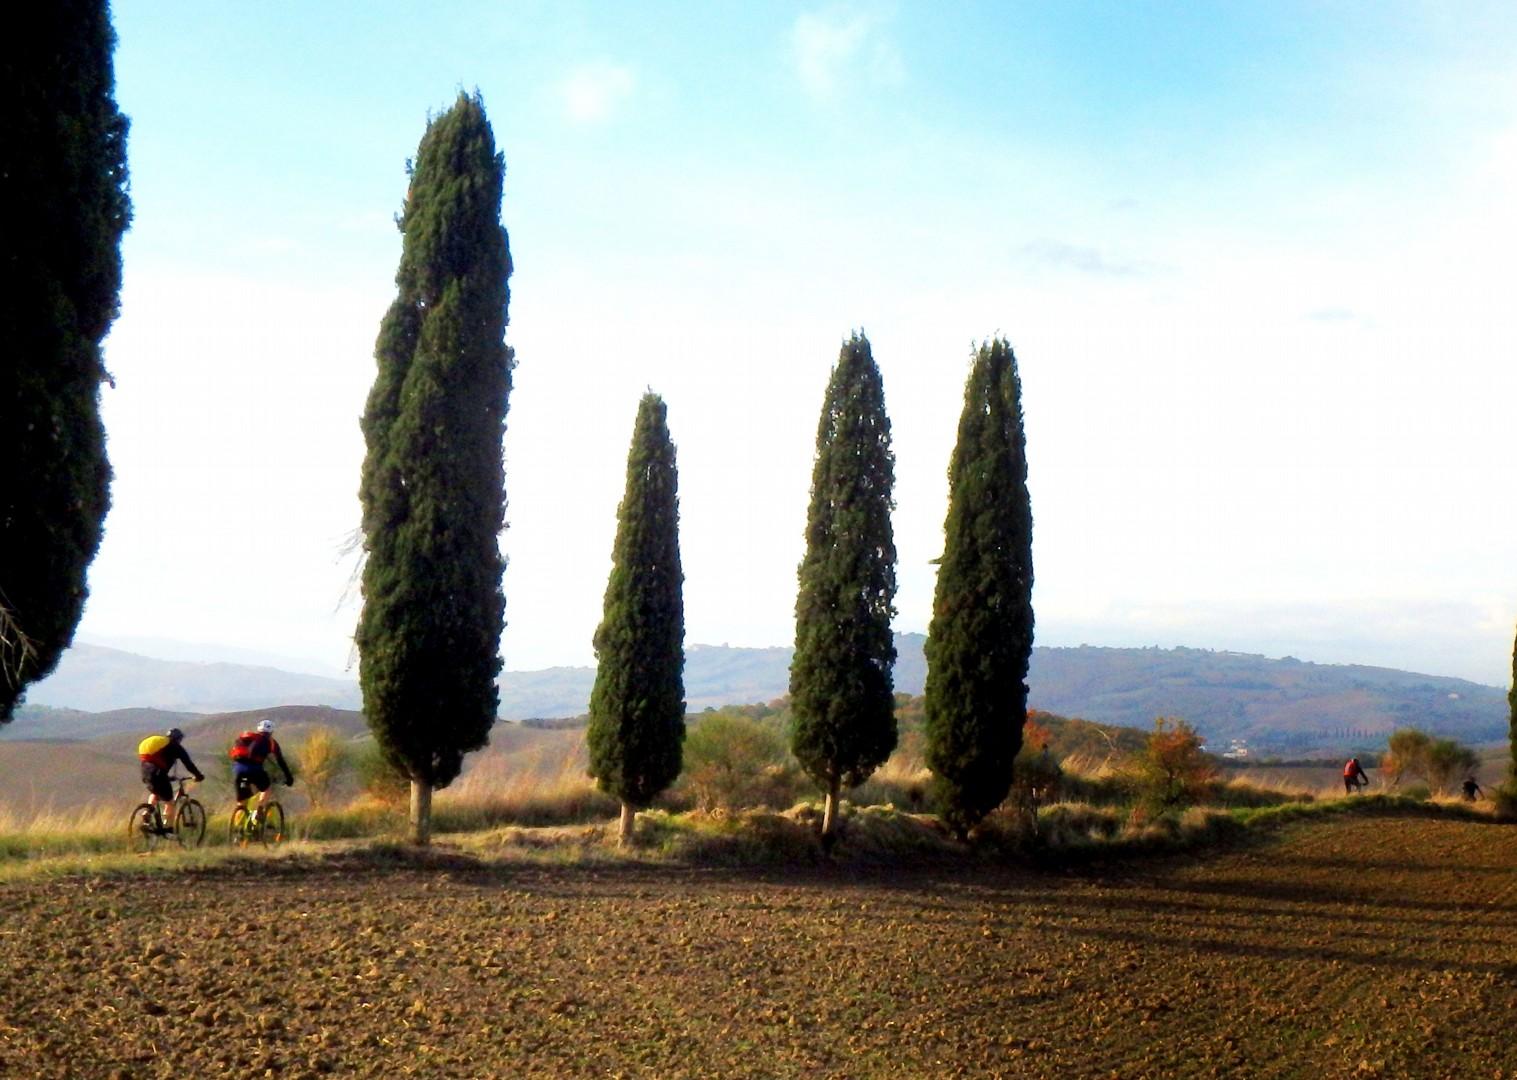 PB090046a.JPG - Italy - Via Francigena (Tuscany to Rome) - Guided Mountain Biking Holiday - Mountain Biking